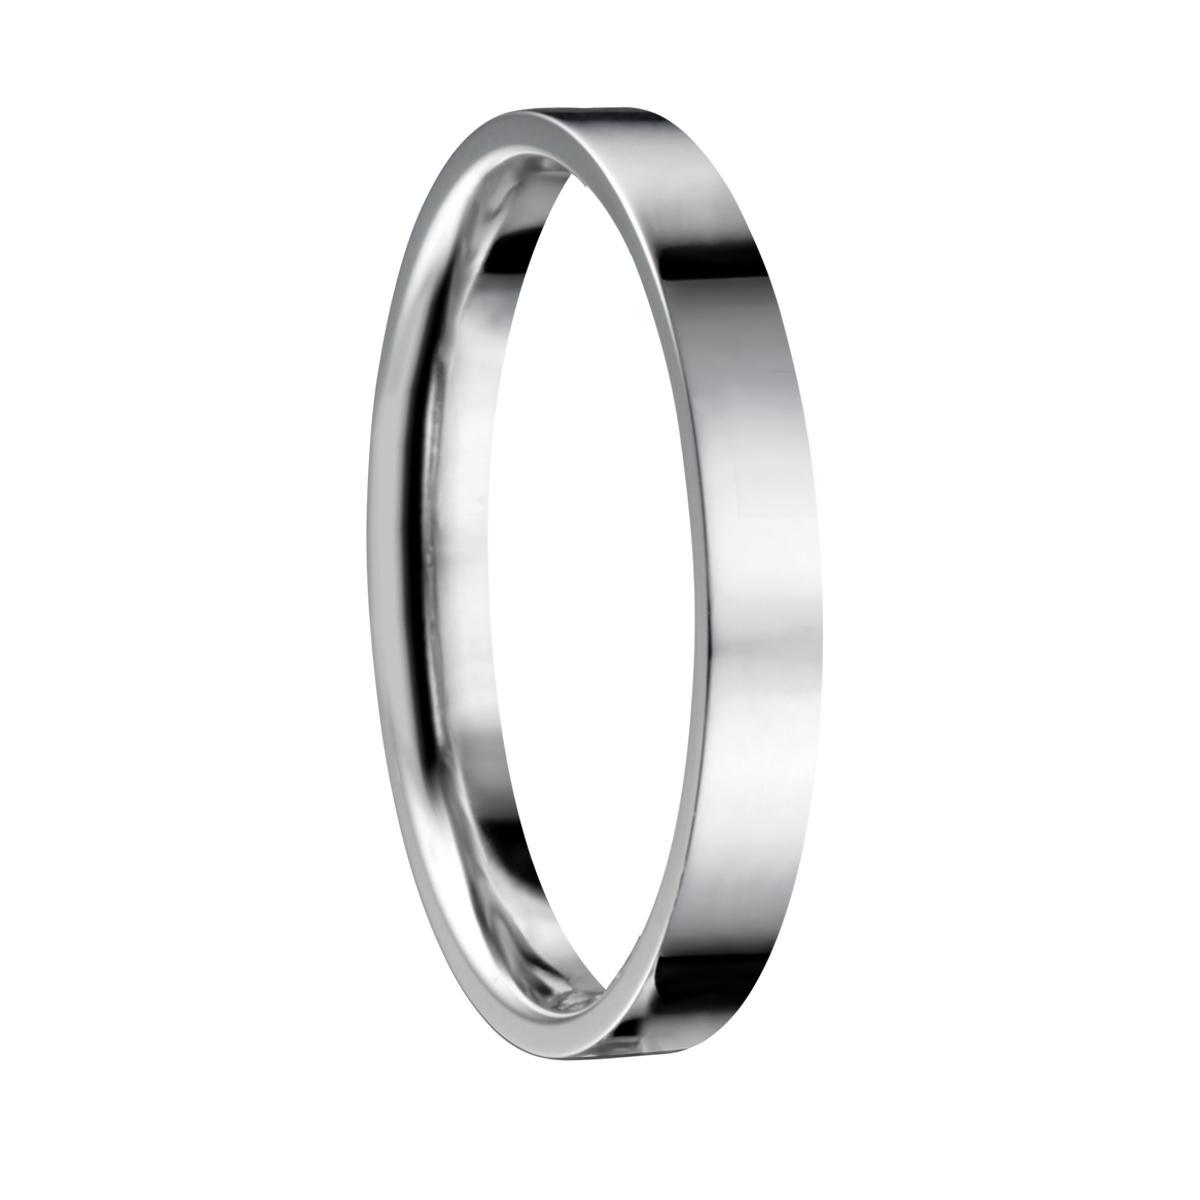 Bering Inner Ring 5541081 1